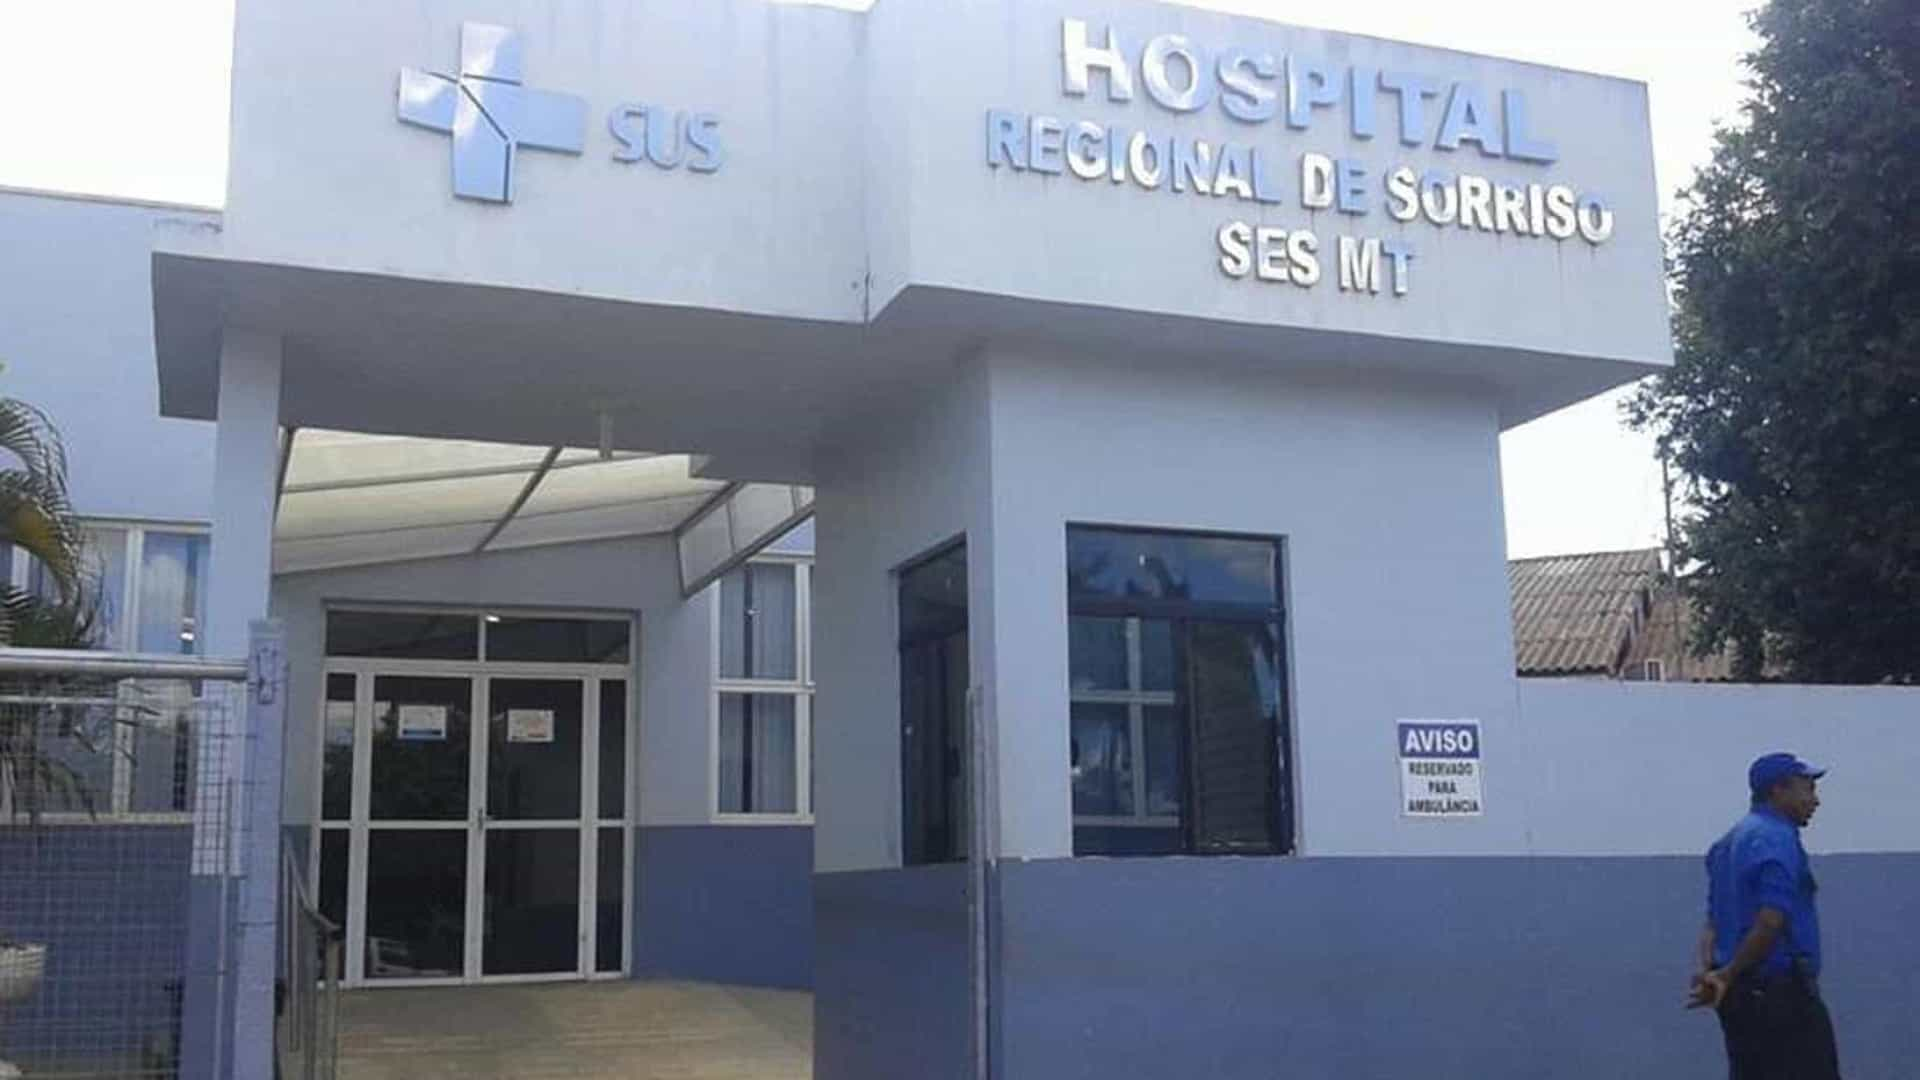 Paciente é morto a tiros em hospital no Mato Grosso